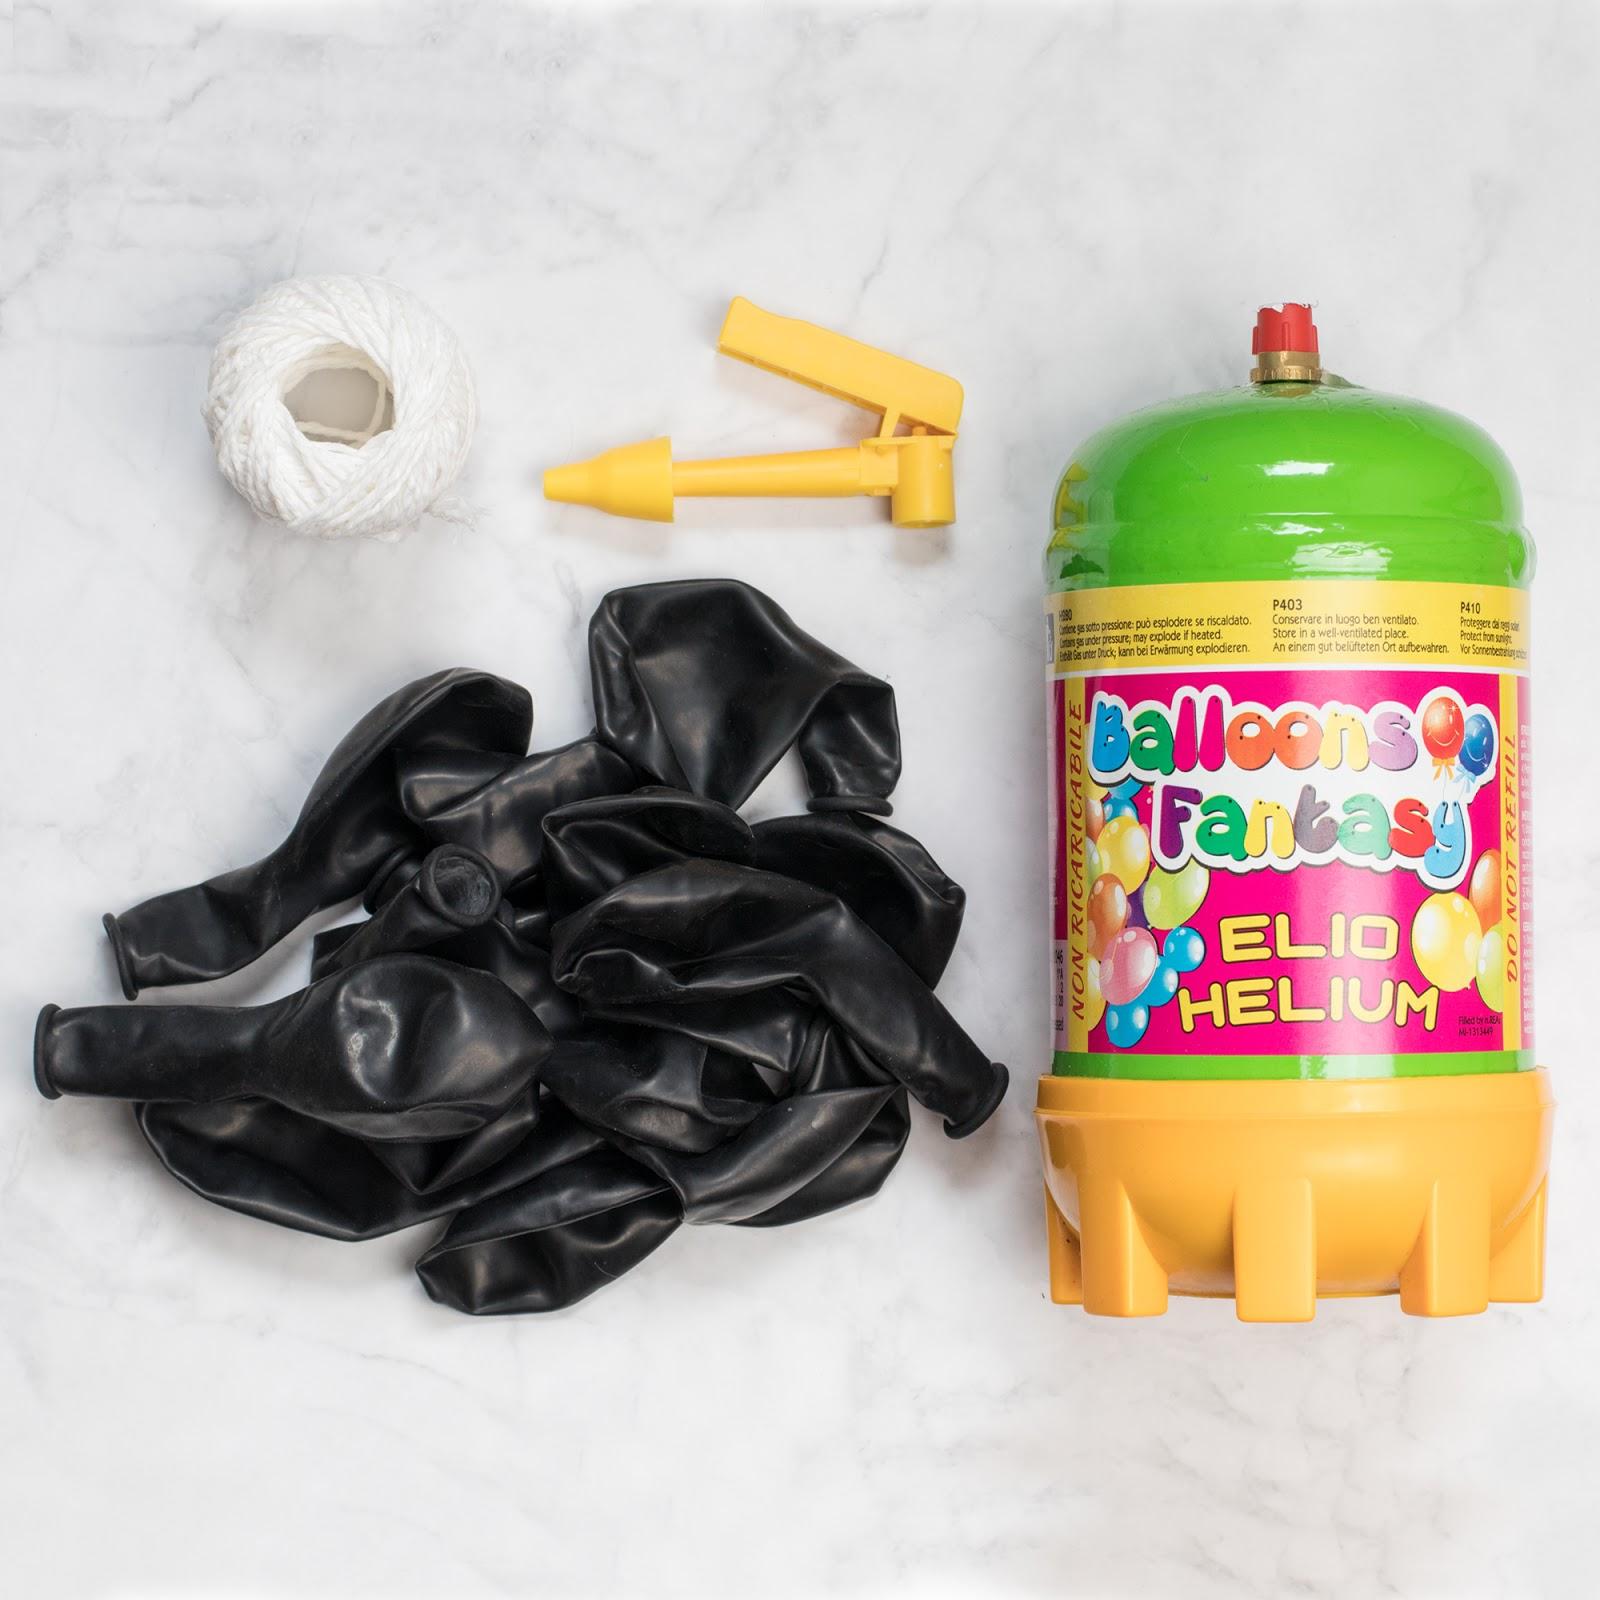 Wo kann man helium kaufen best folat xl ballongas helium for Luftballons duisburg